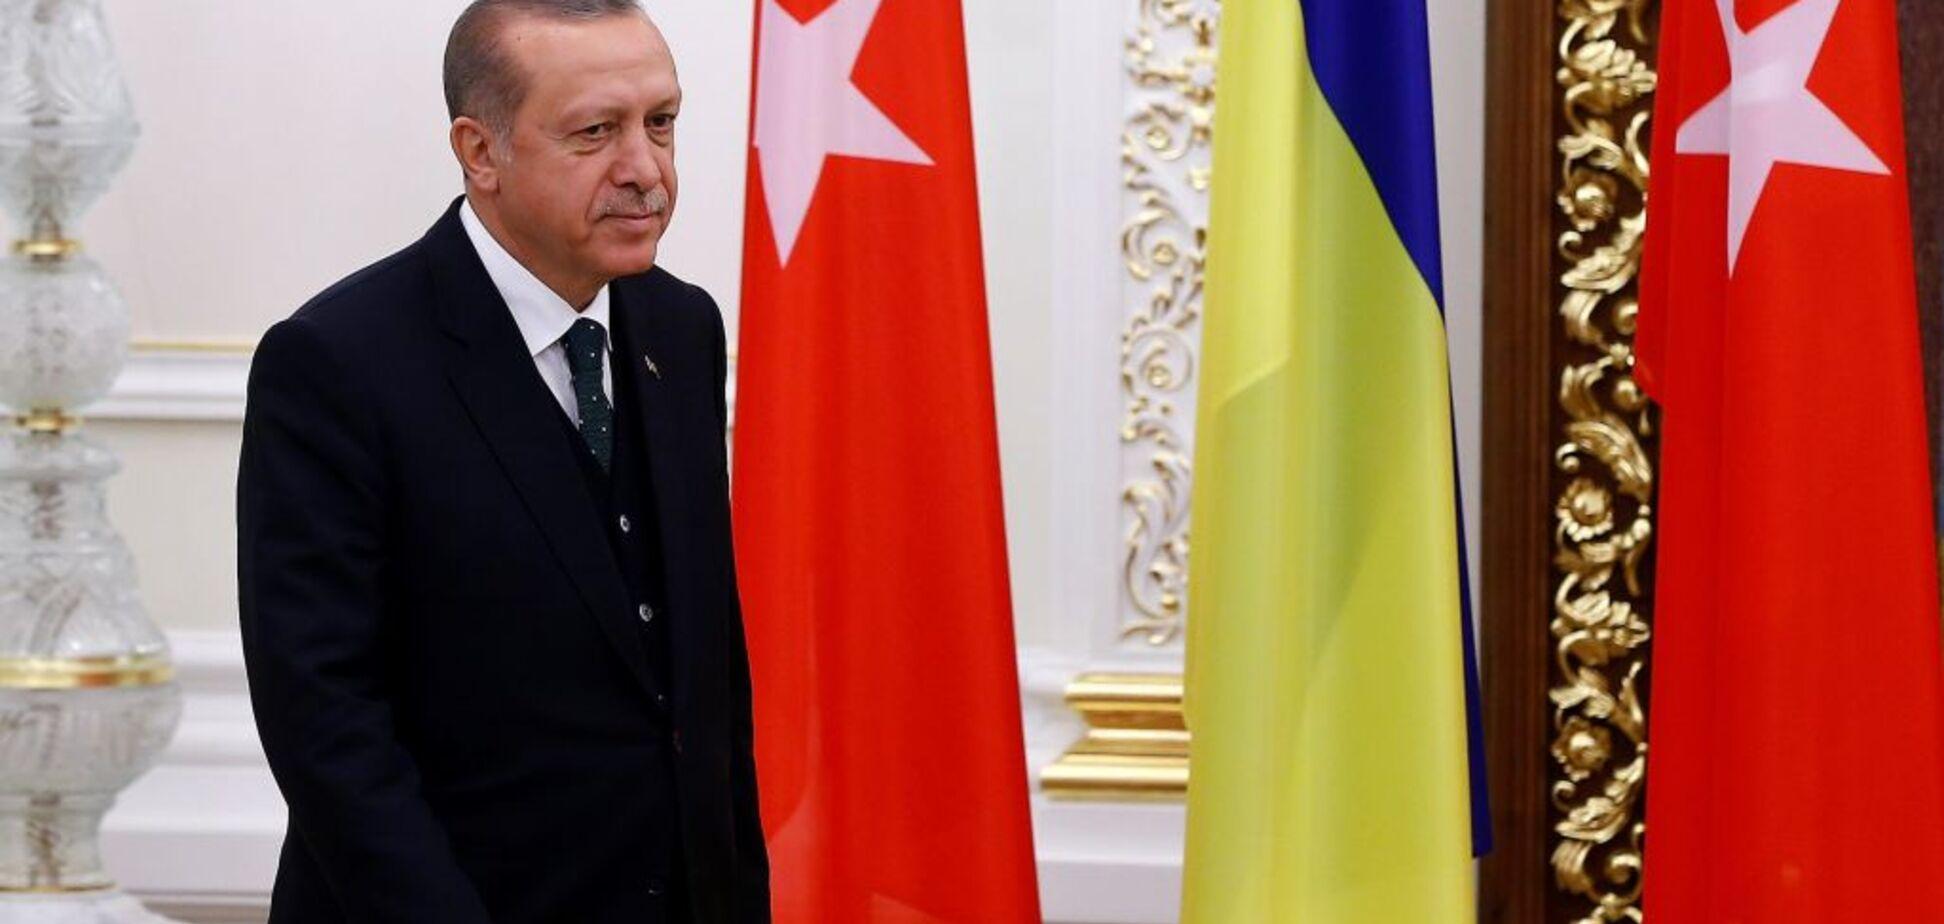 'Деликатный вопрос': Эрдоган выступил с осторожным заявлением по санкциям против России